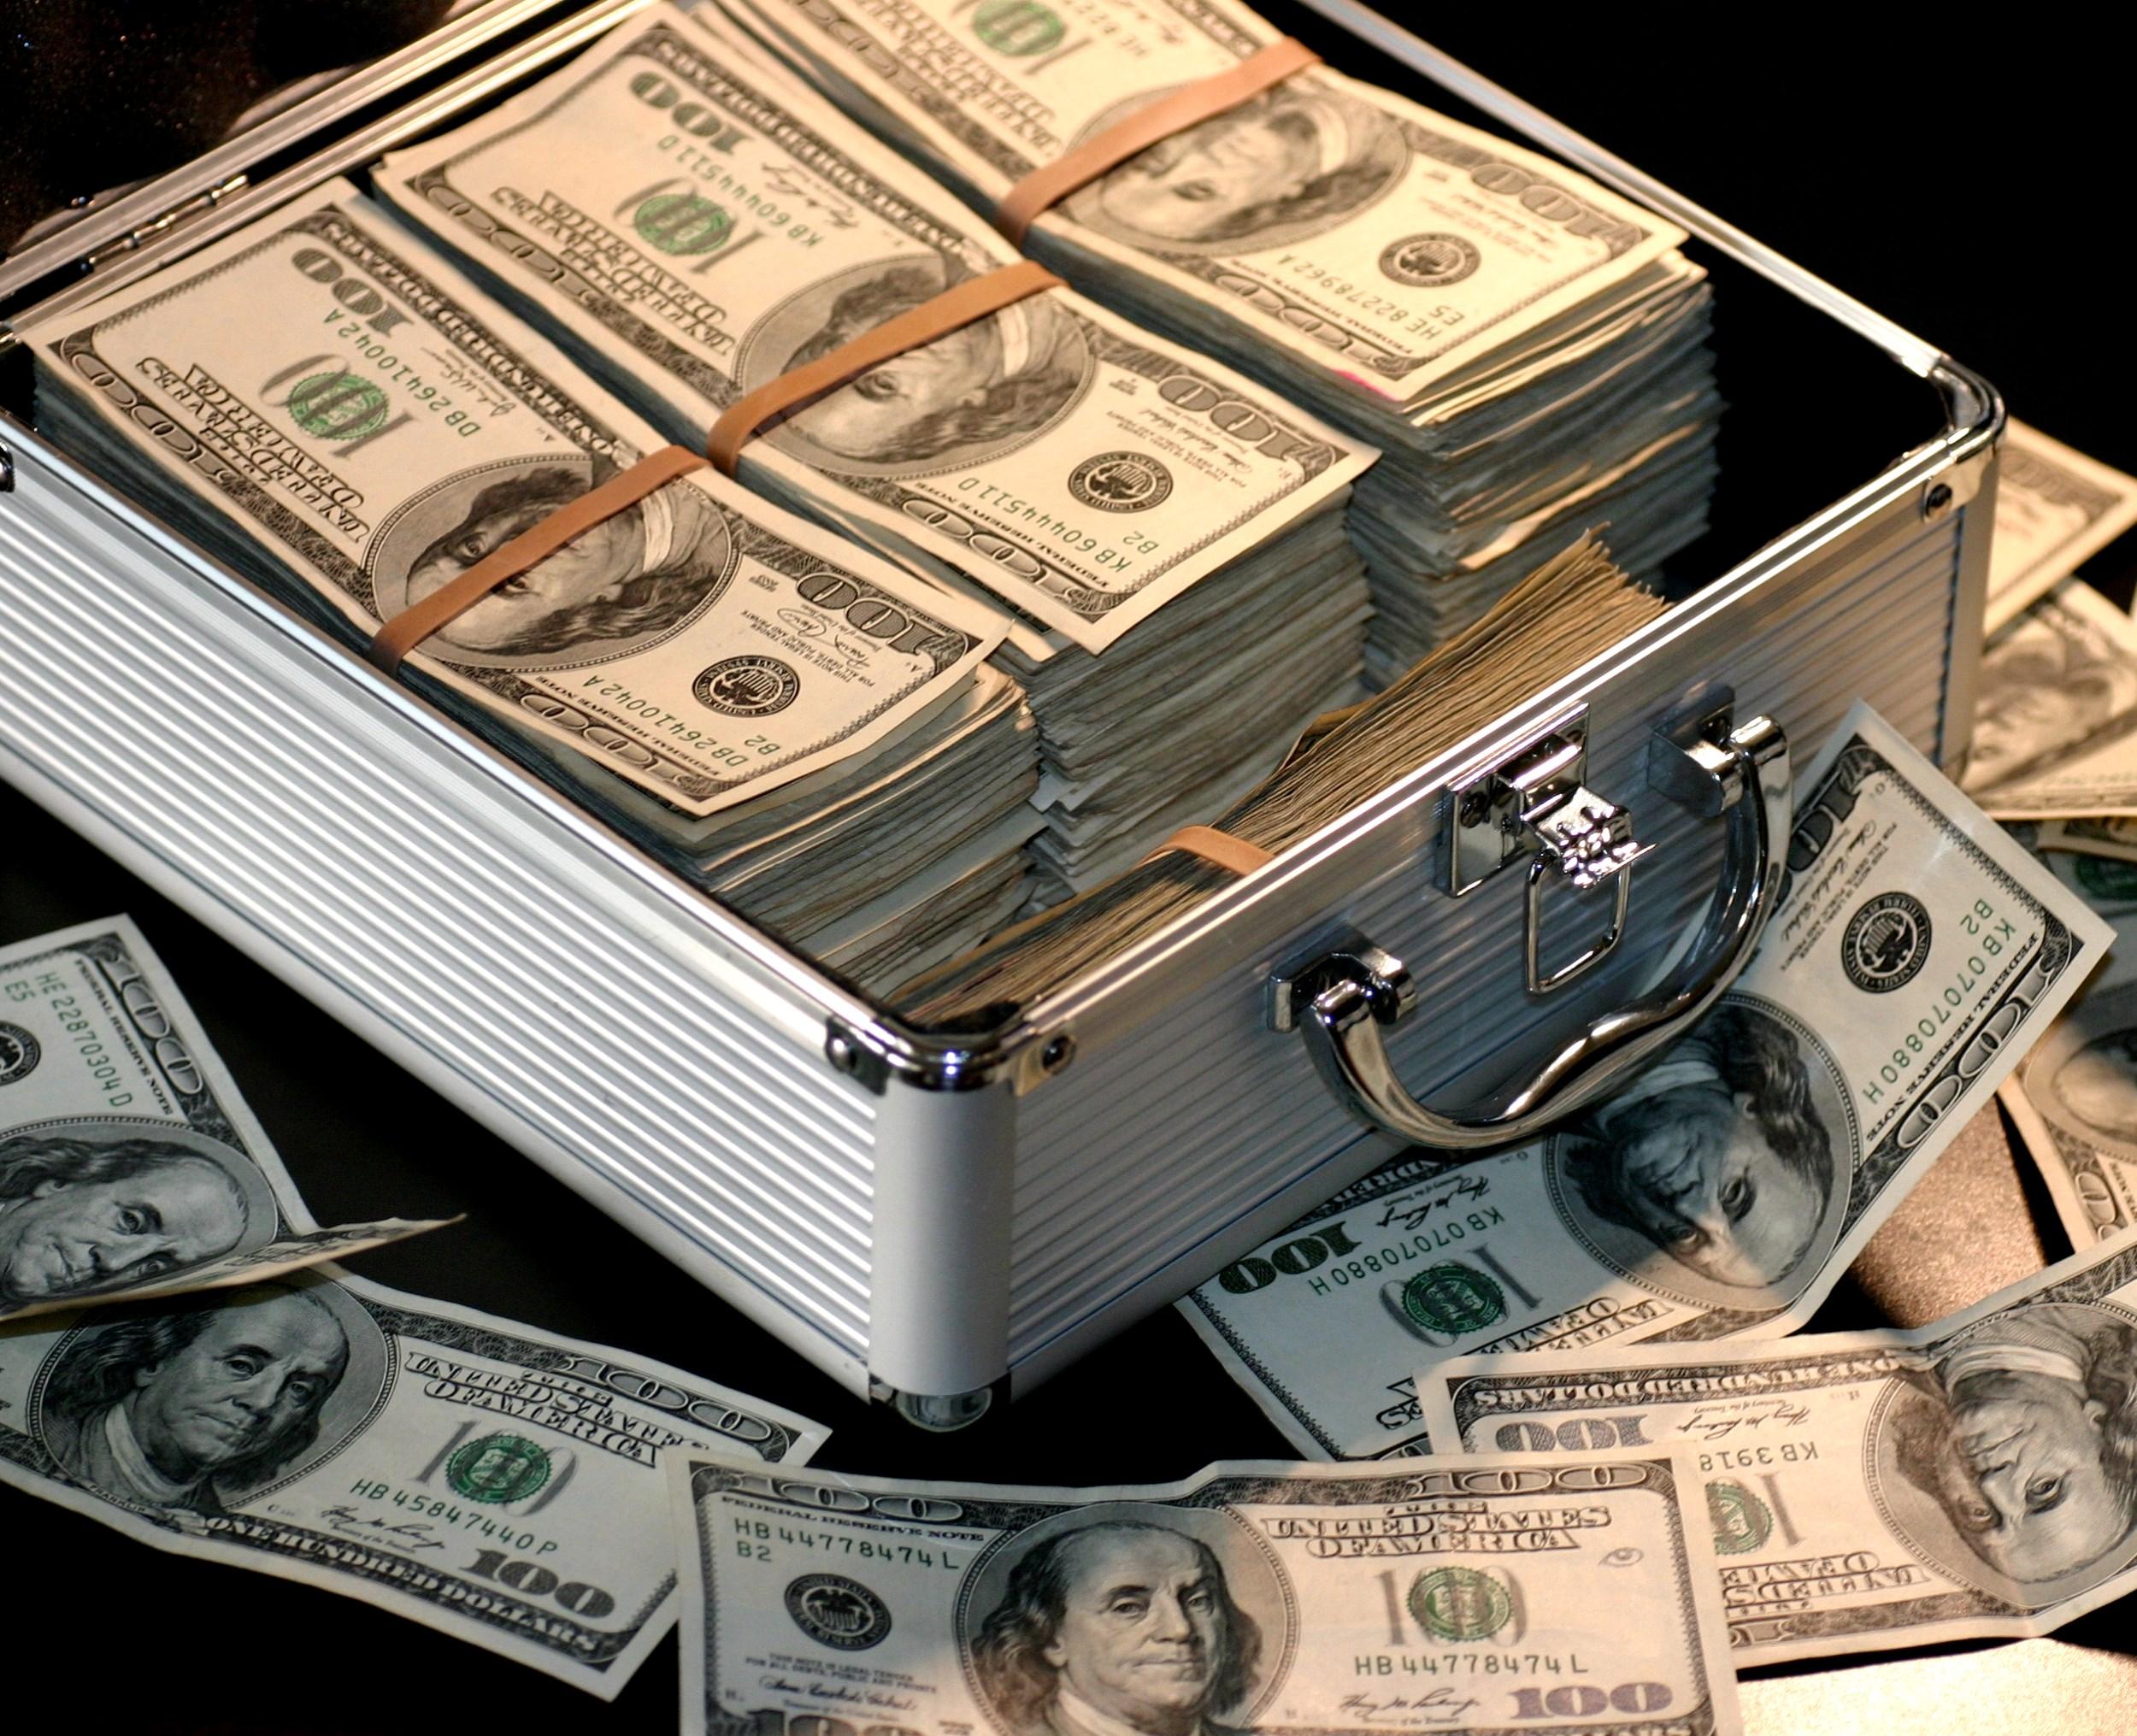 Cash Out Cryptocurrency Kryptowährung Ausverkauf Kasse machen Gewinne realisieren